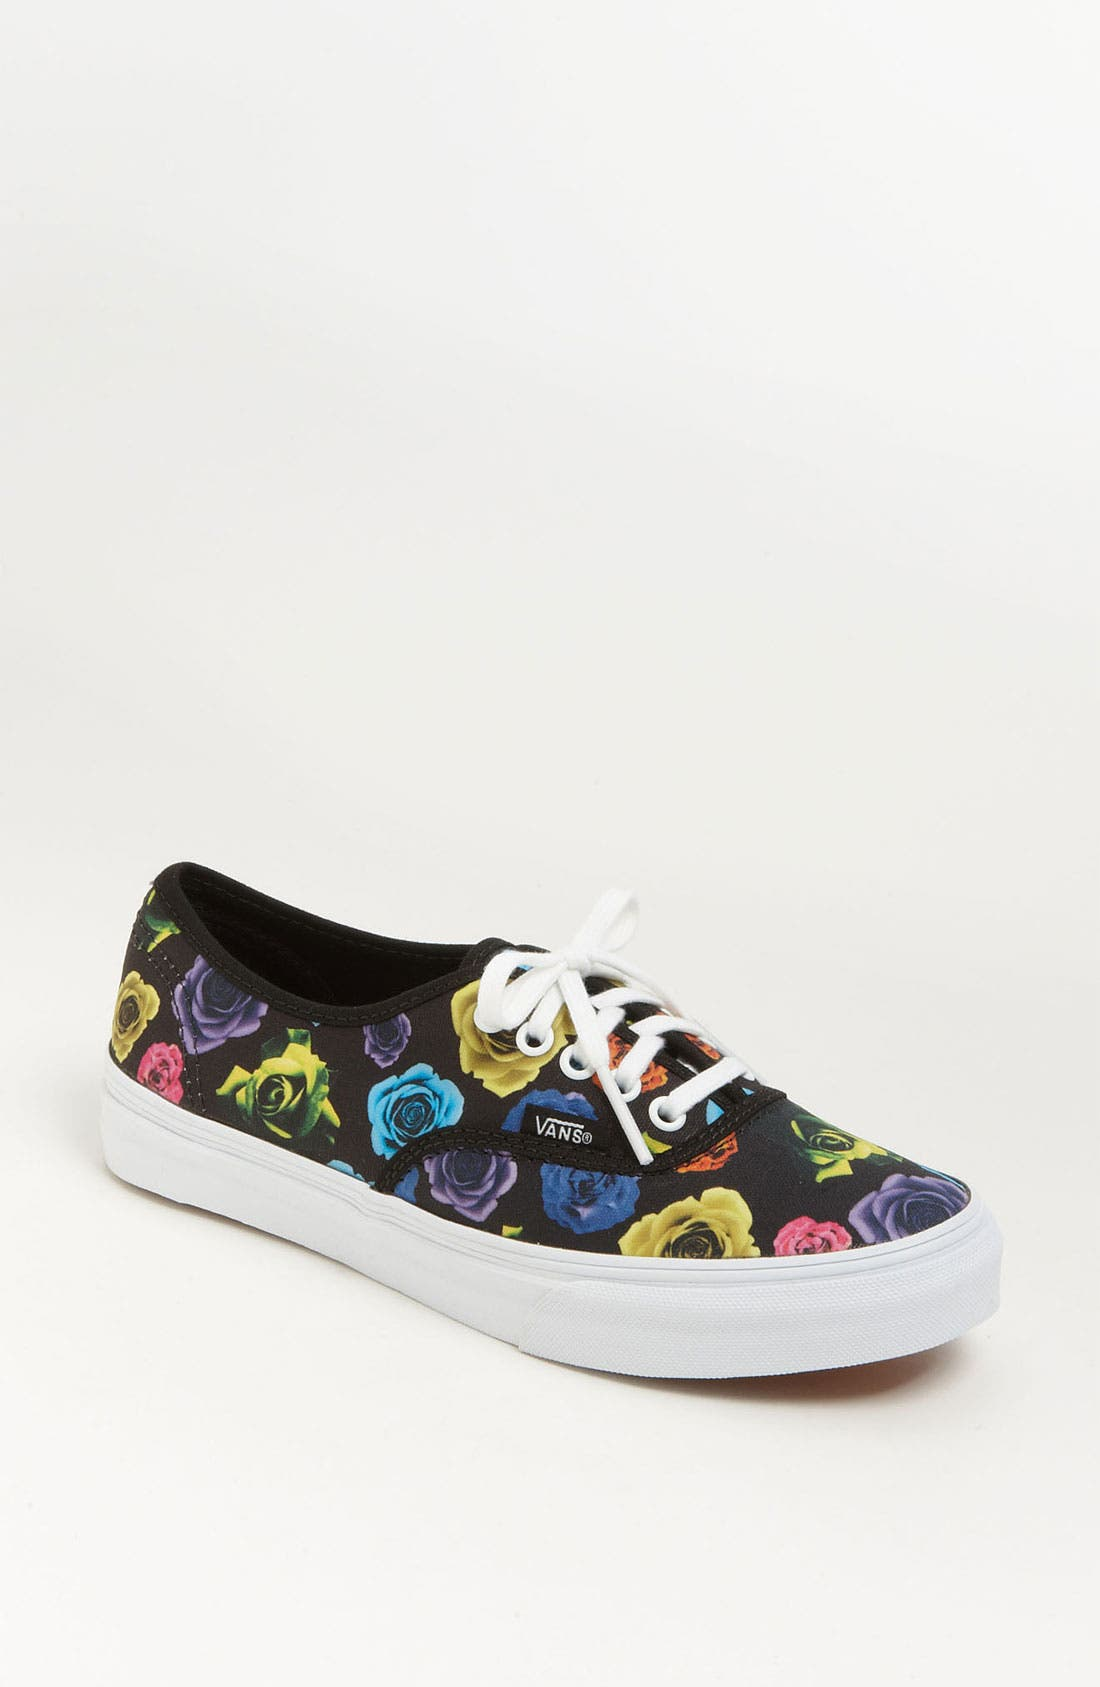 Main Image - Vans 'Authentic Slim - Rose' Sneaker (Women)